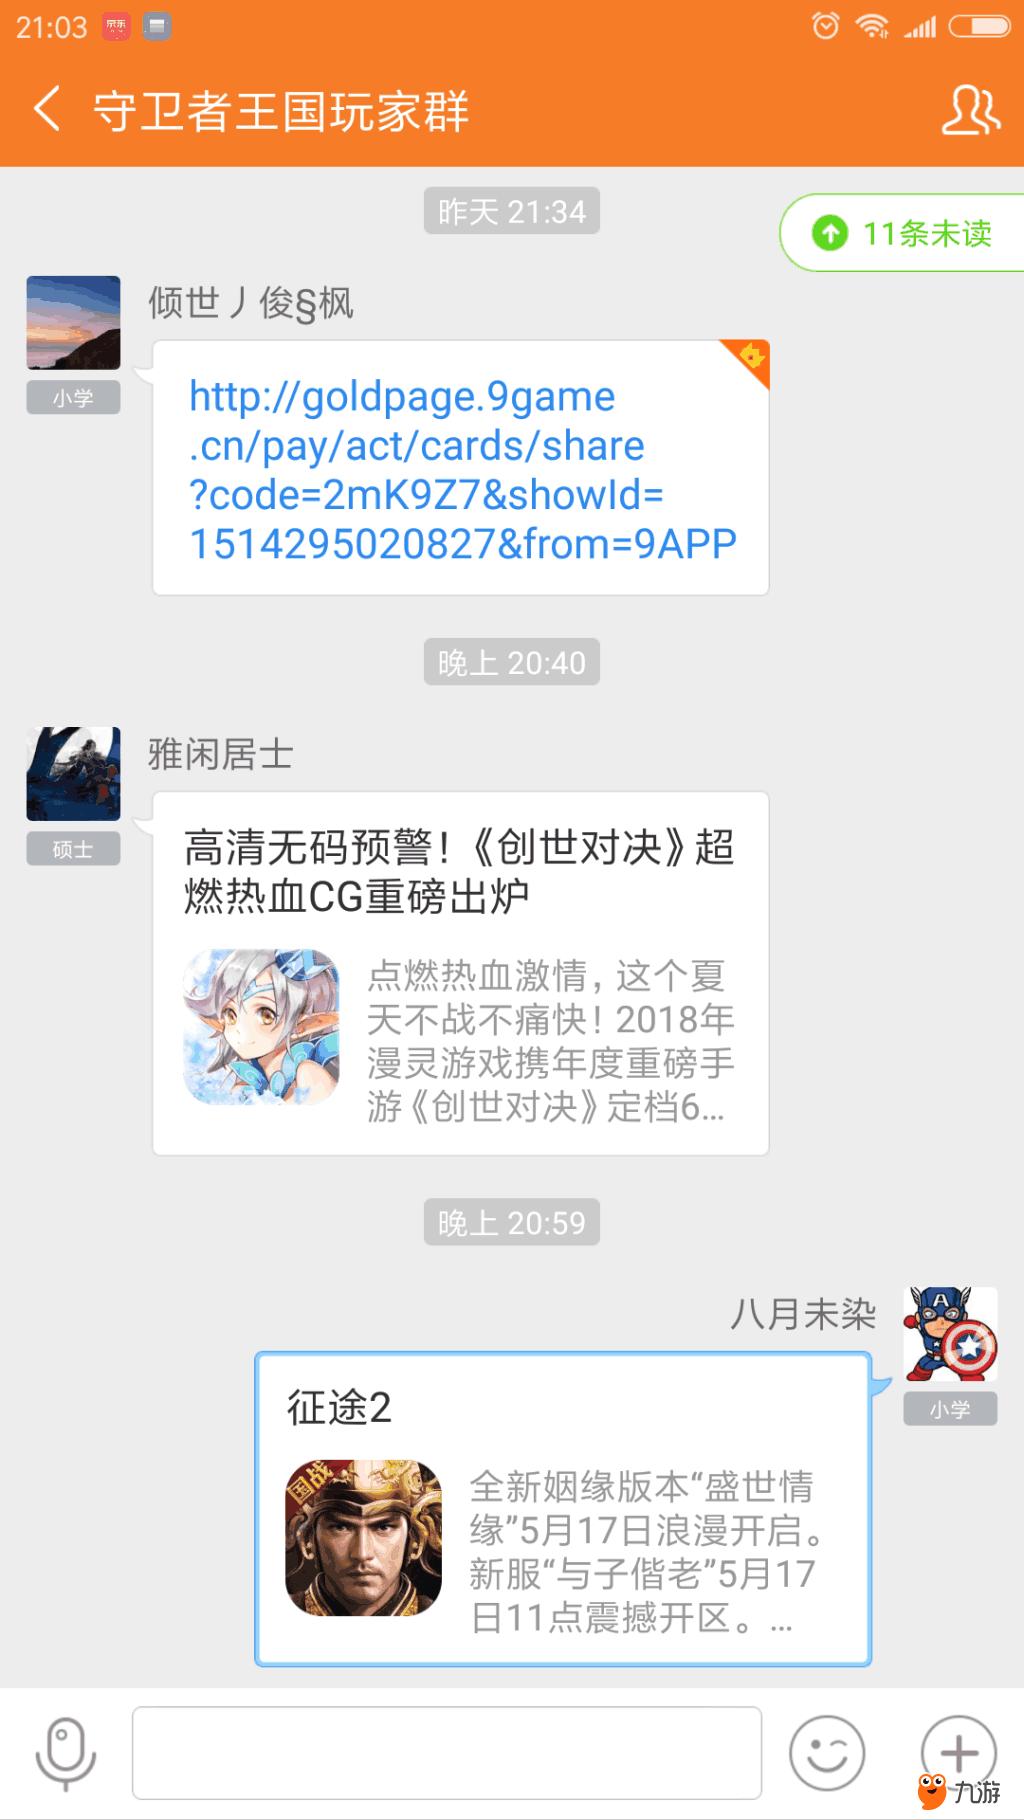 Screenshot_2018s06s14s21s03s22s691_cn.ninegame.ga.png